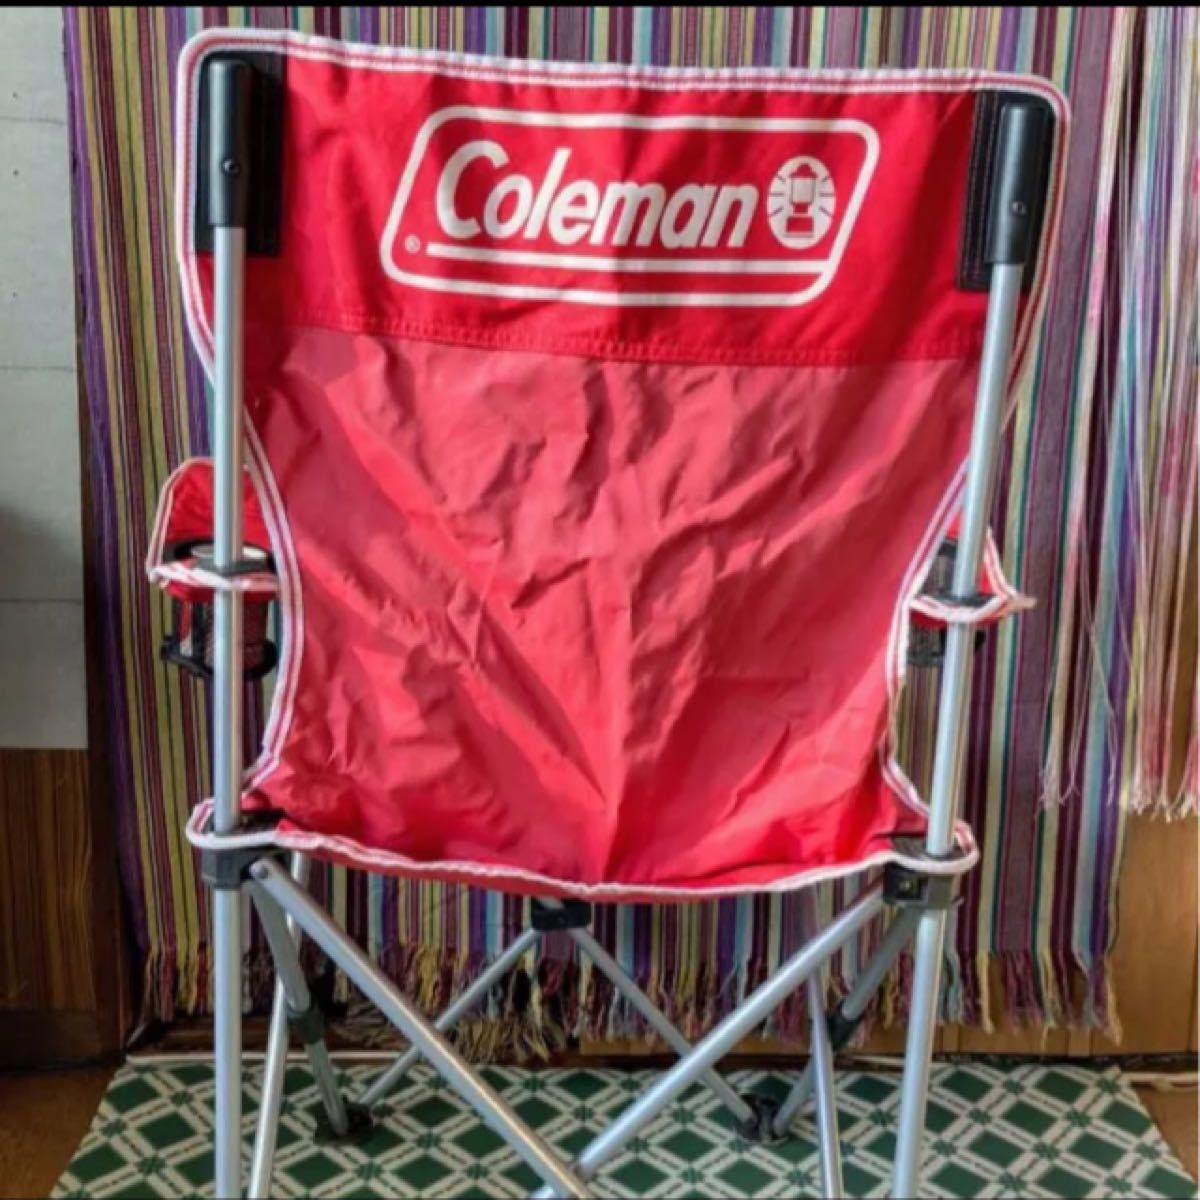 Coleman コールマン*アームチェアIII (レッド)耐荷重: 約 80kg  ドリンクホルダー両サイド付き